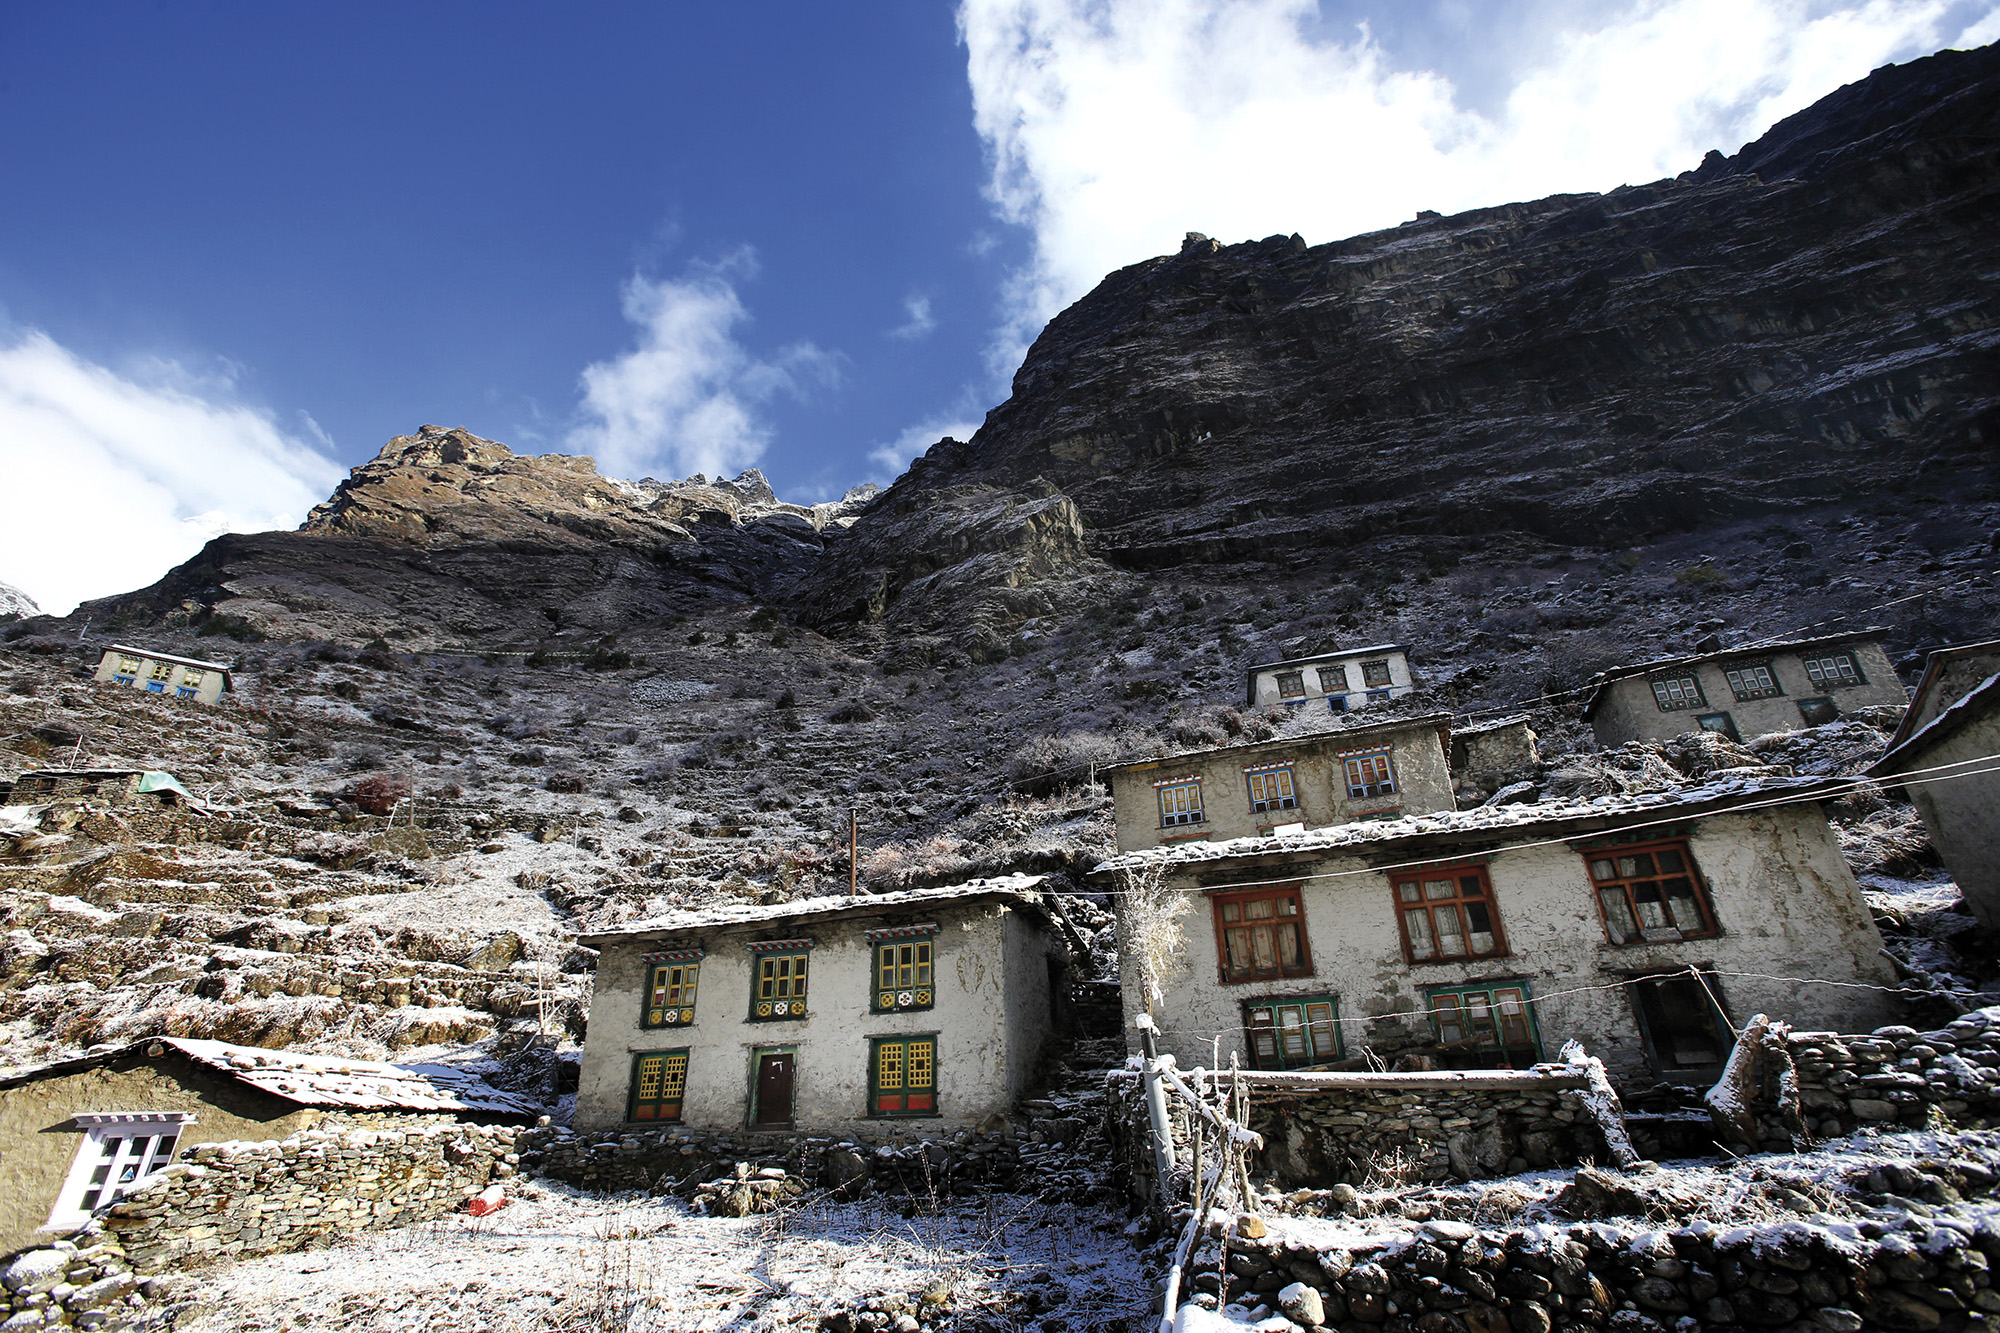 Reportage | Losan Piatti - Fotografo Italia_Nepal 2015_Beding Village